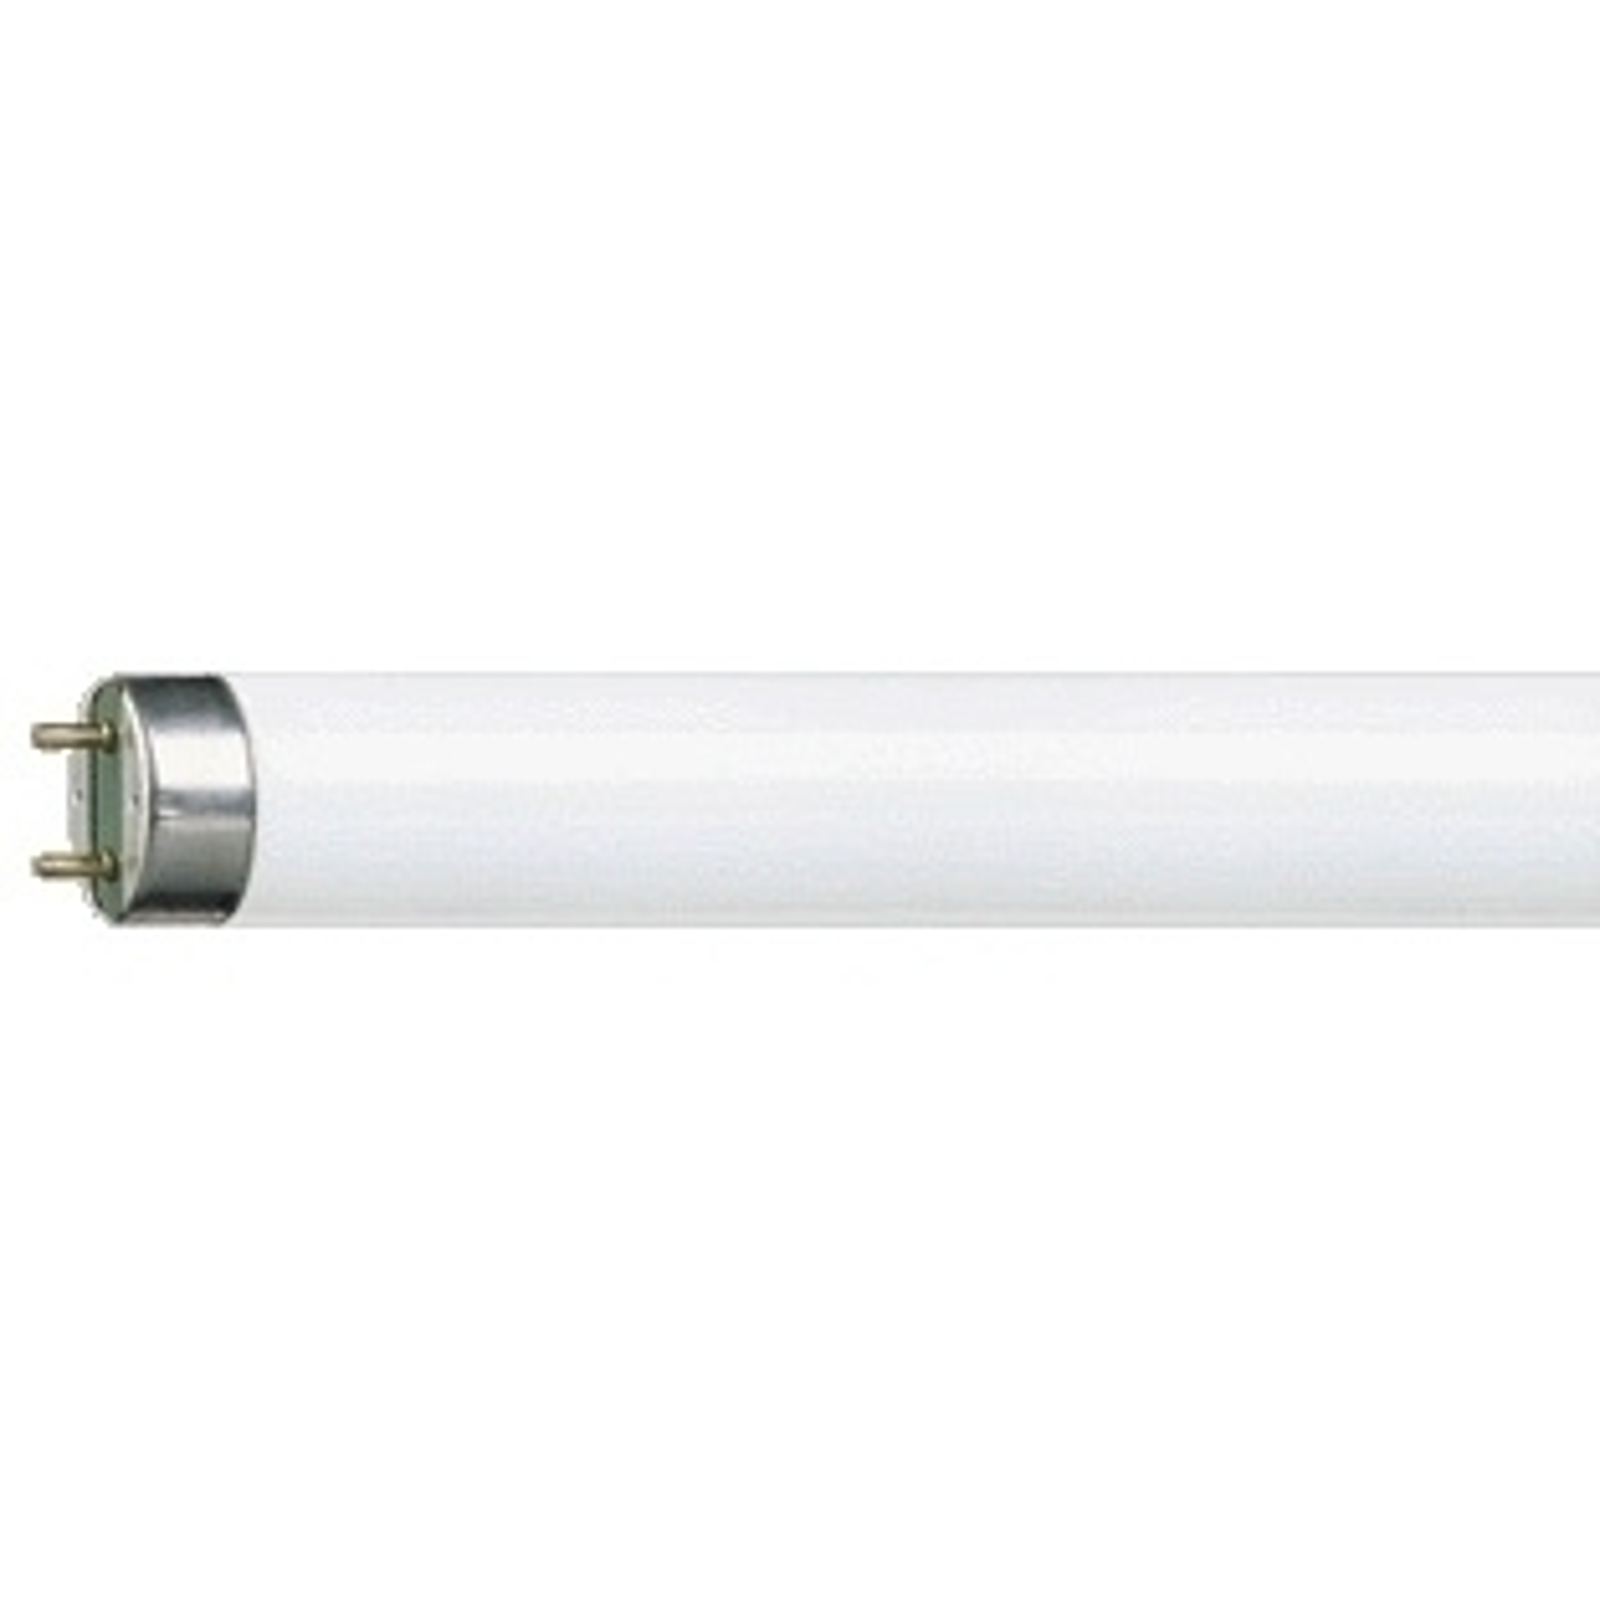 Leuchtstoffröhre G13 T8 30 MASTER TL-D Super 840